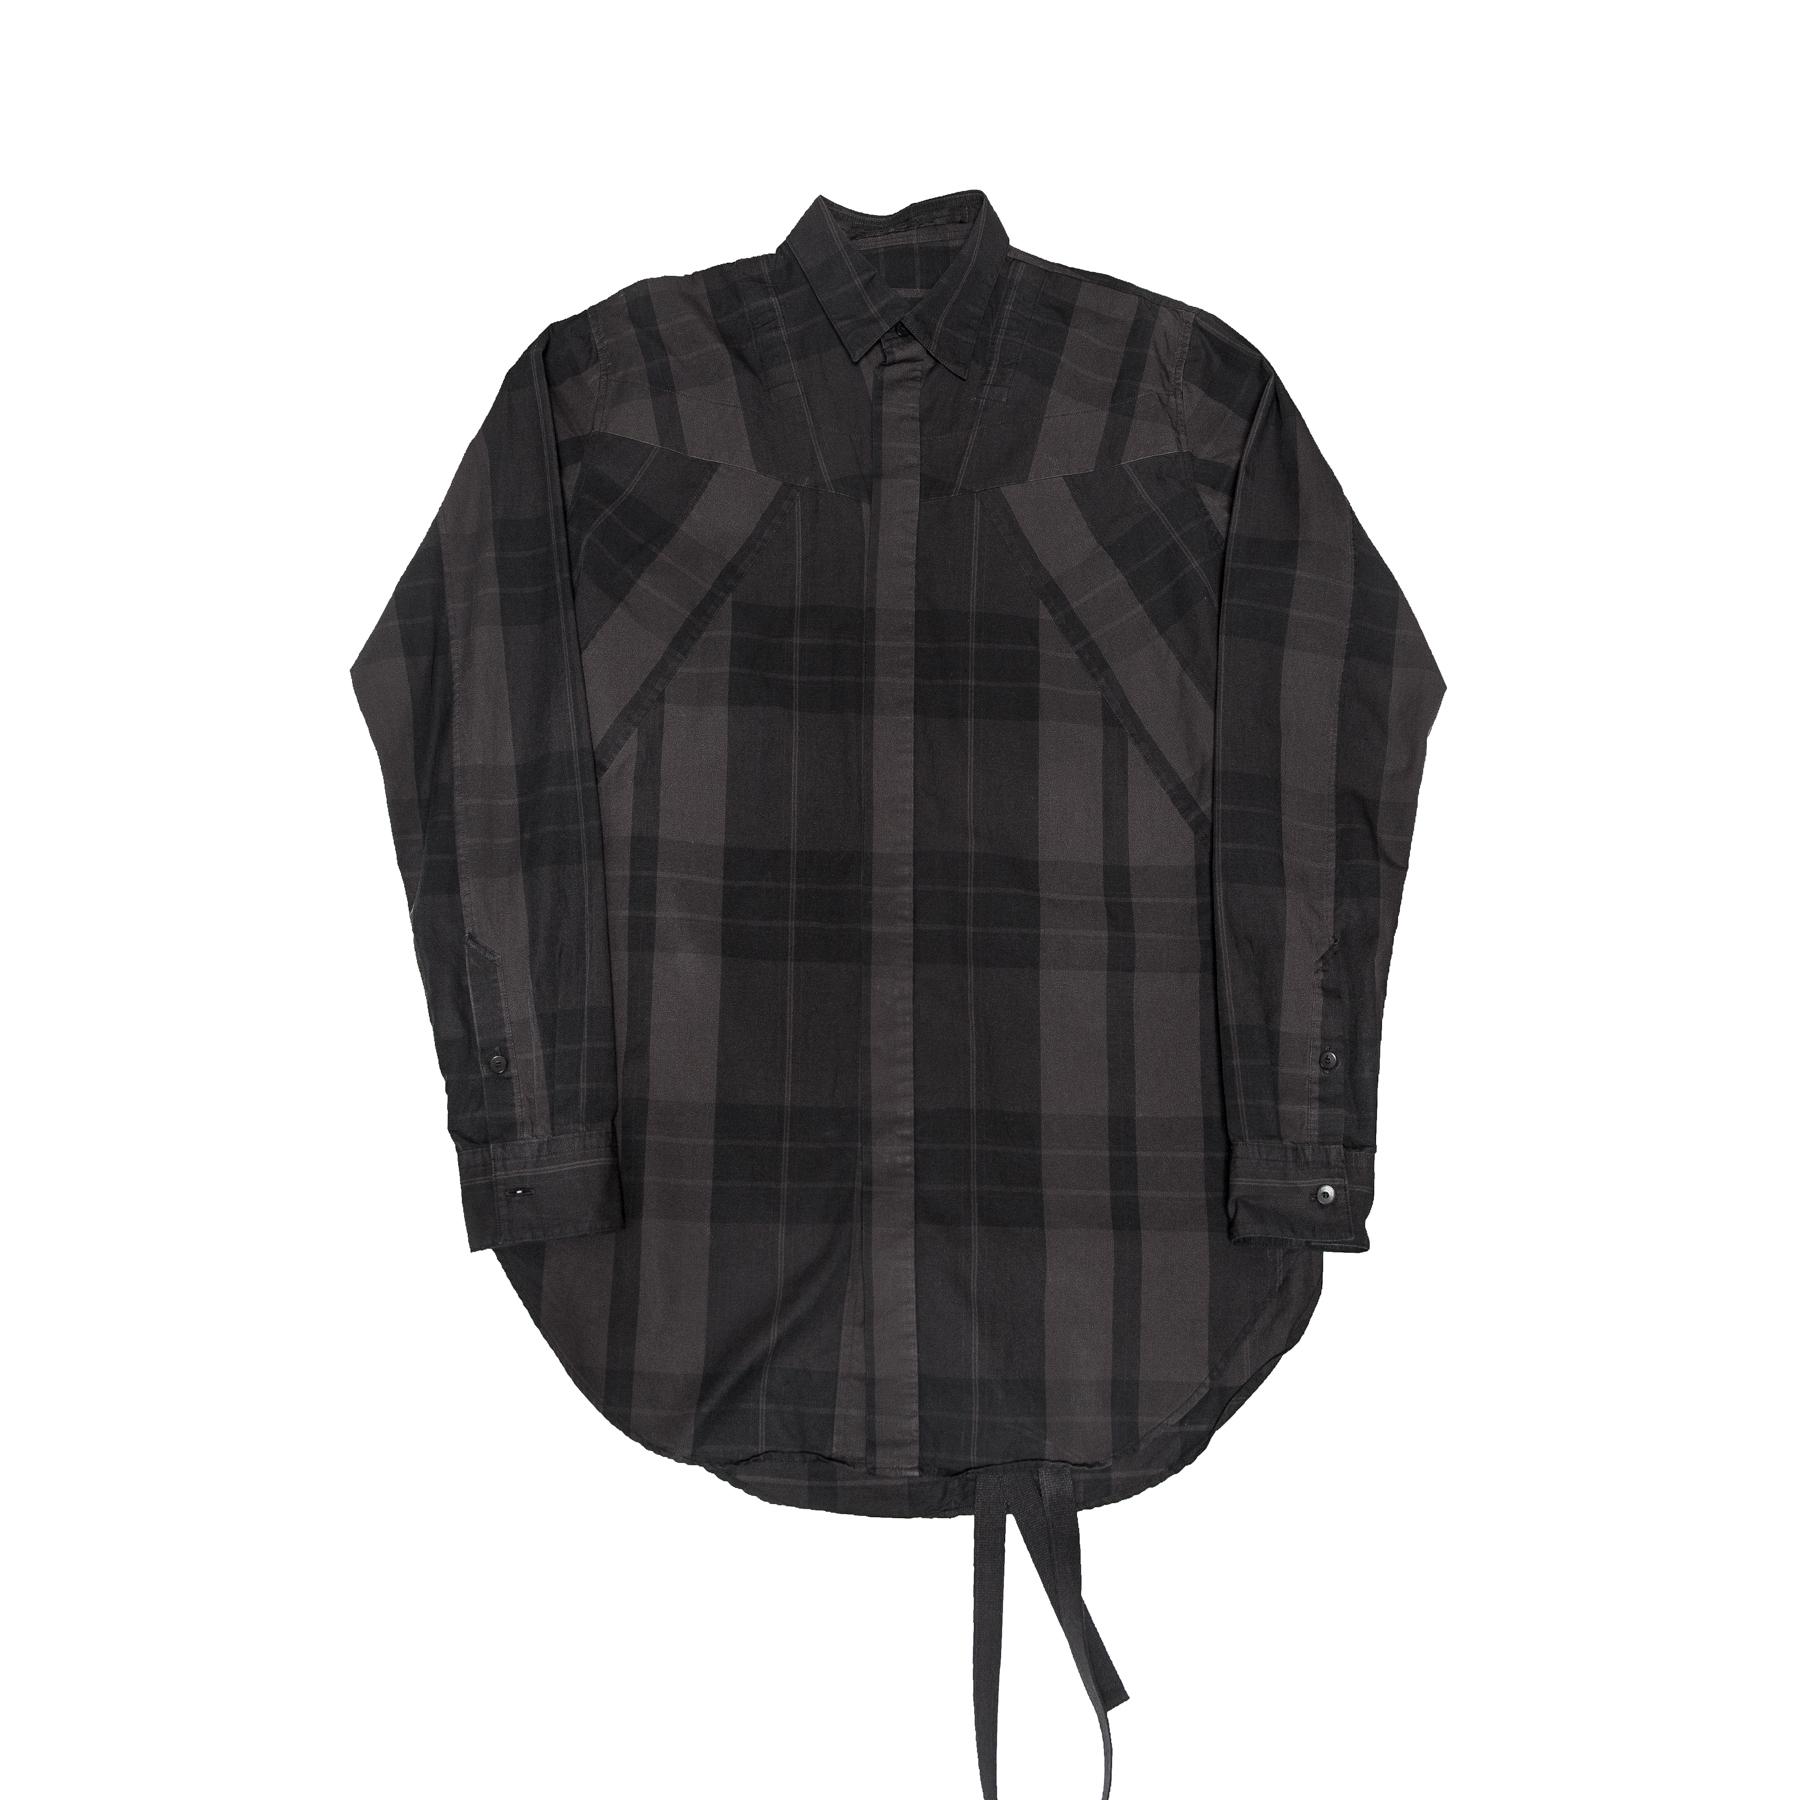 617SHM1-BLACK / ランダムパターンハーネスシャツ